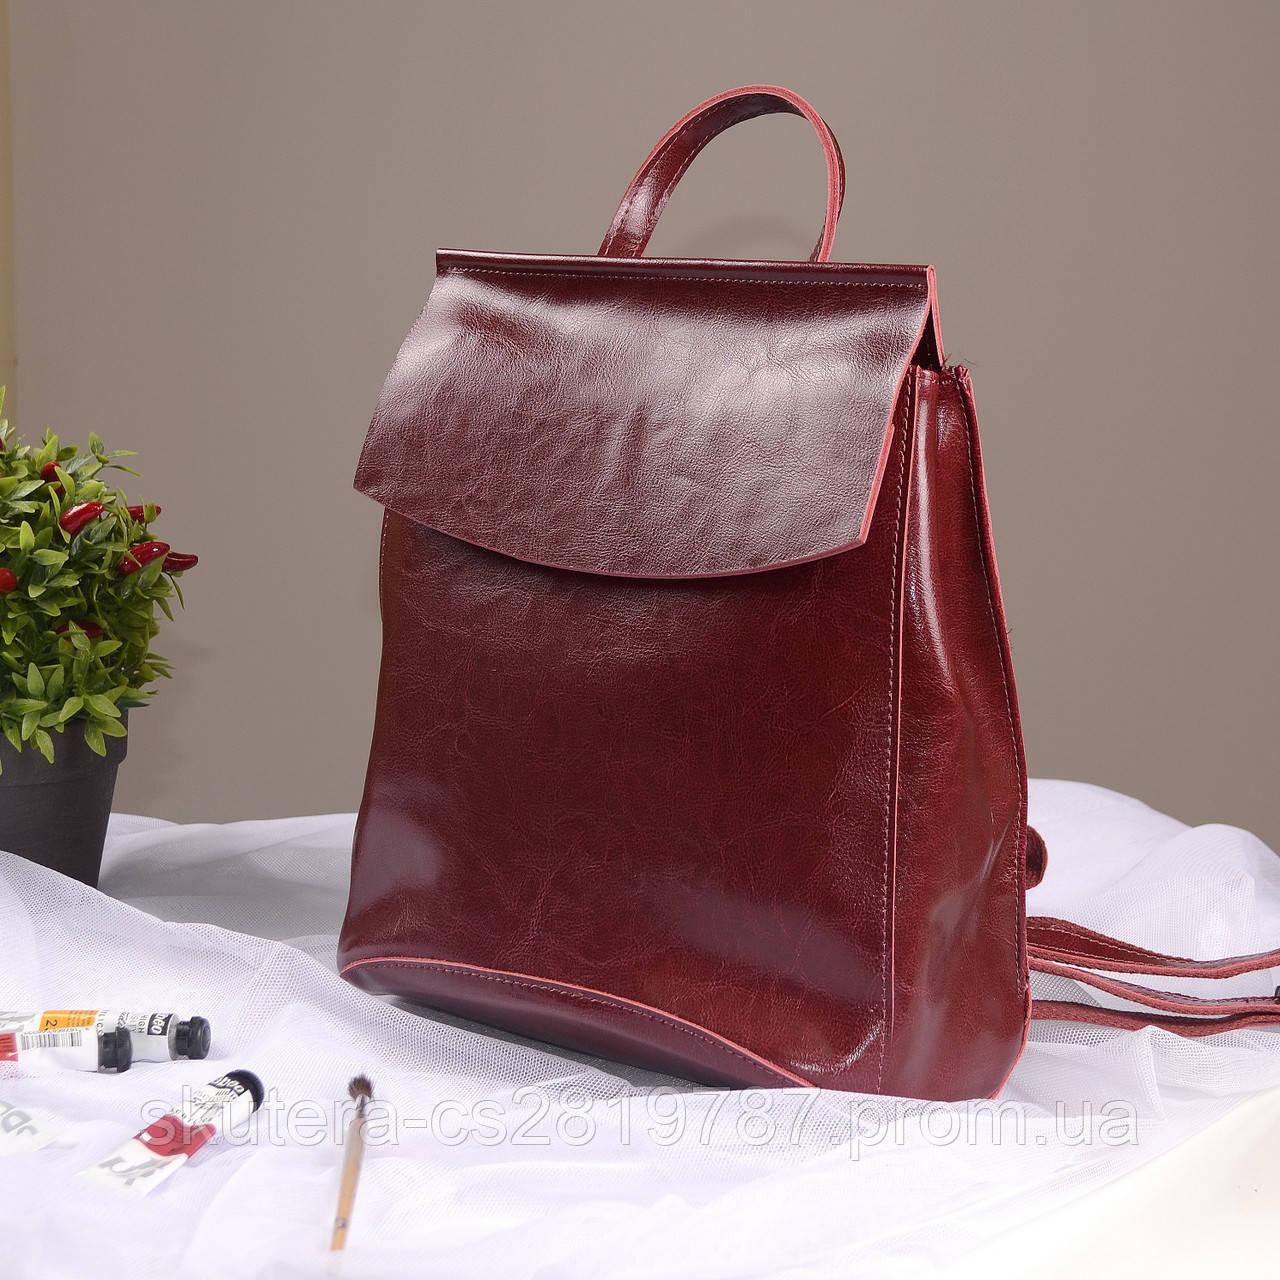 cafa9148840e Женский кожаный рюкзак-сумка(трансформер)